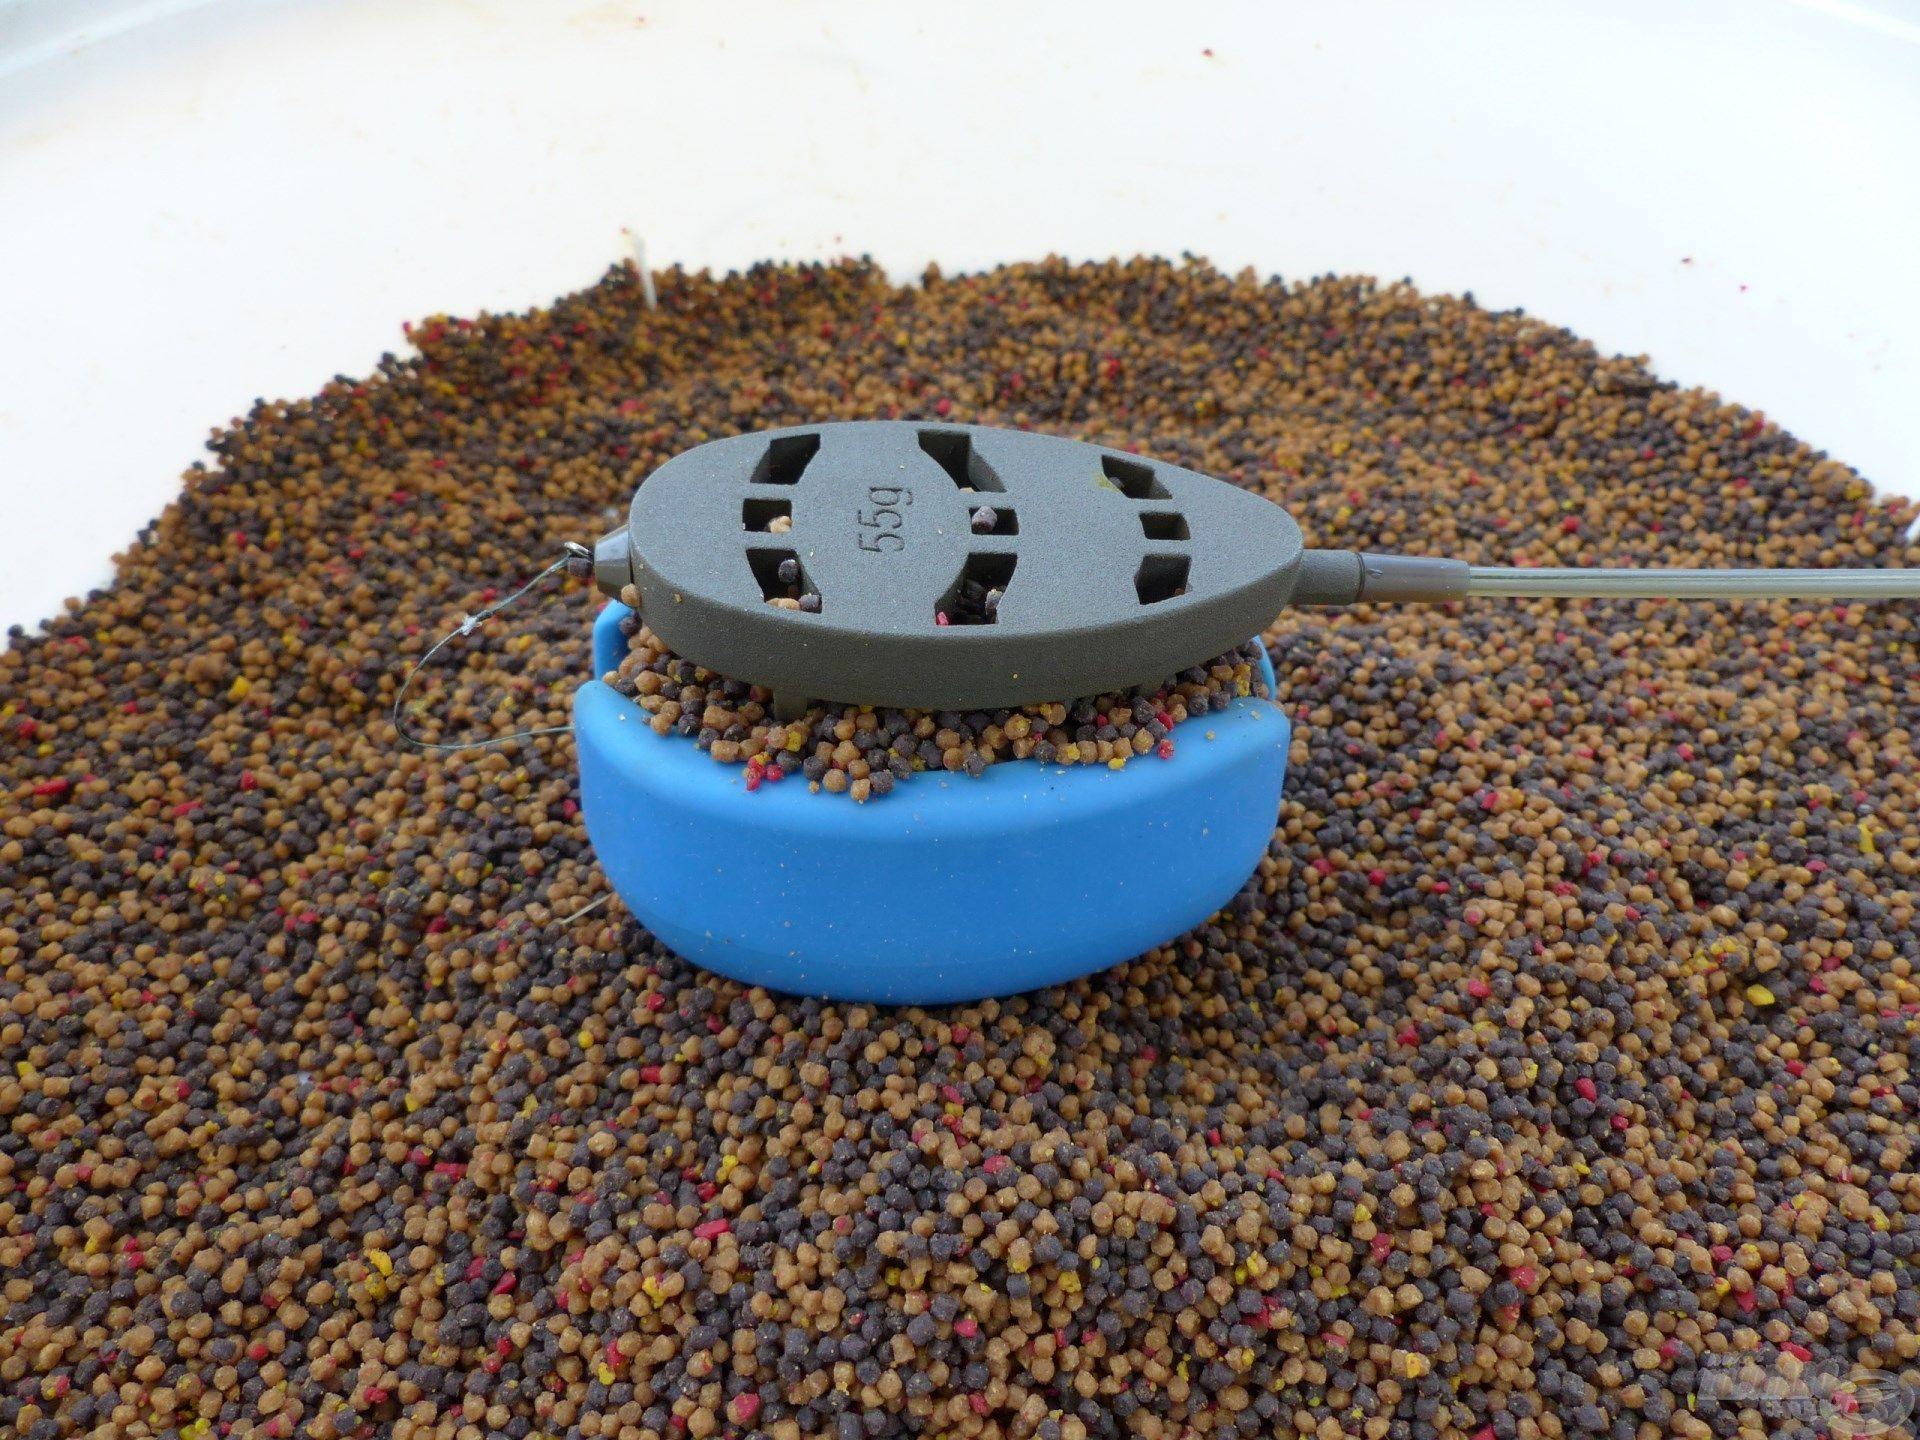 Az eltávolított középső bordának köszönhetően még nagyobb mennyiségű pellet mix fér a kosárba. Ráadásul így sokkal könnyebben ki is oldódik az belőle